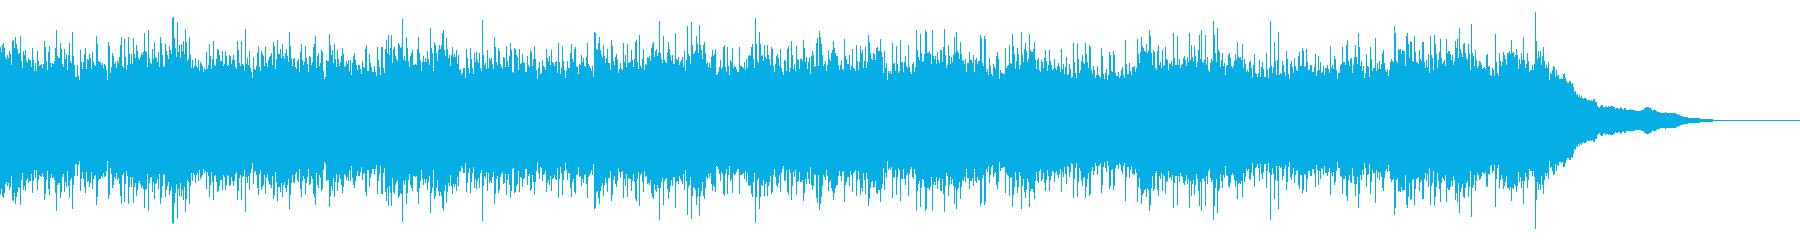 思わず体が動く爽やかなバンドBGMの再生済みの波形